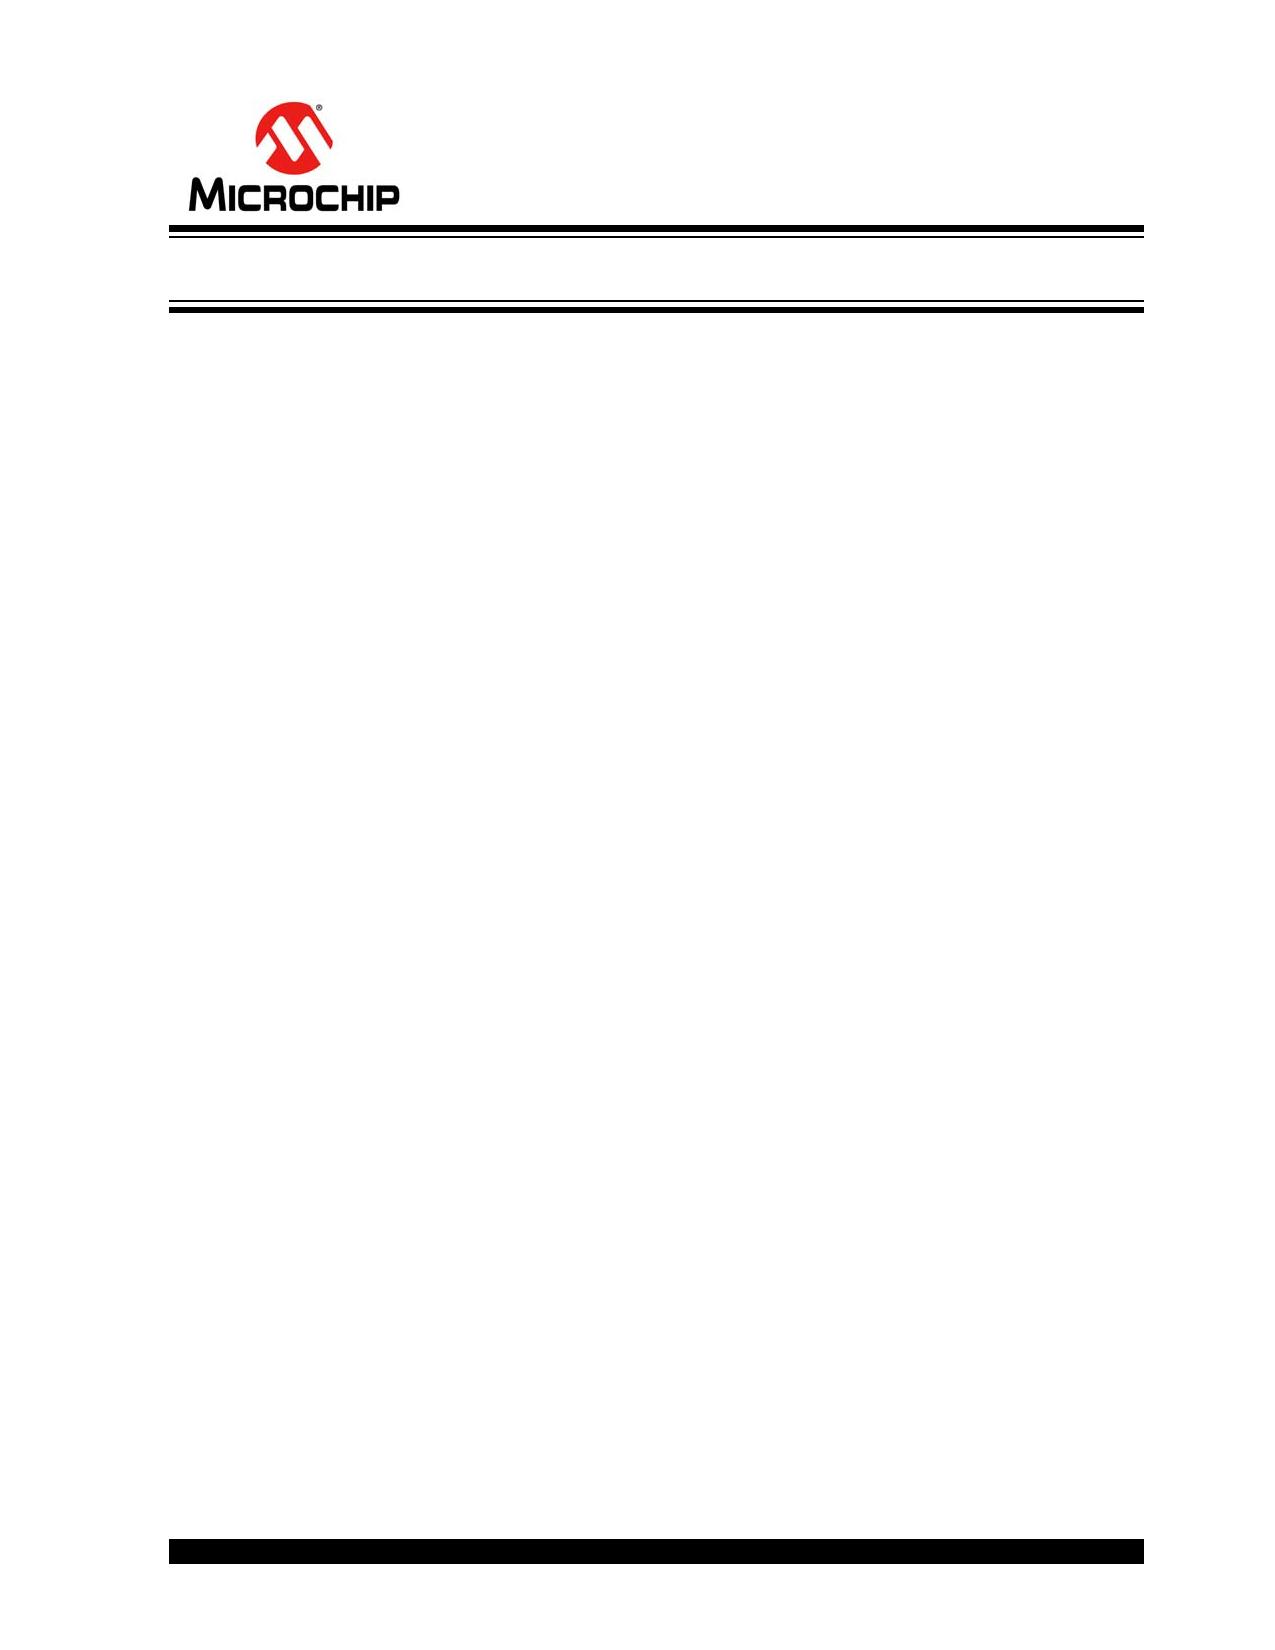 PIC18F46J11 pdf, ピン配列